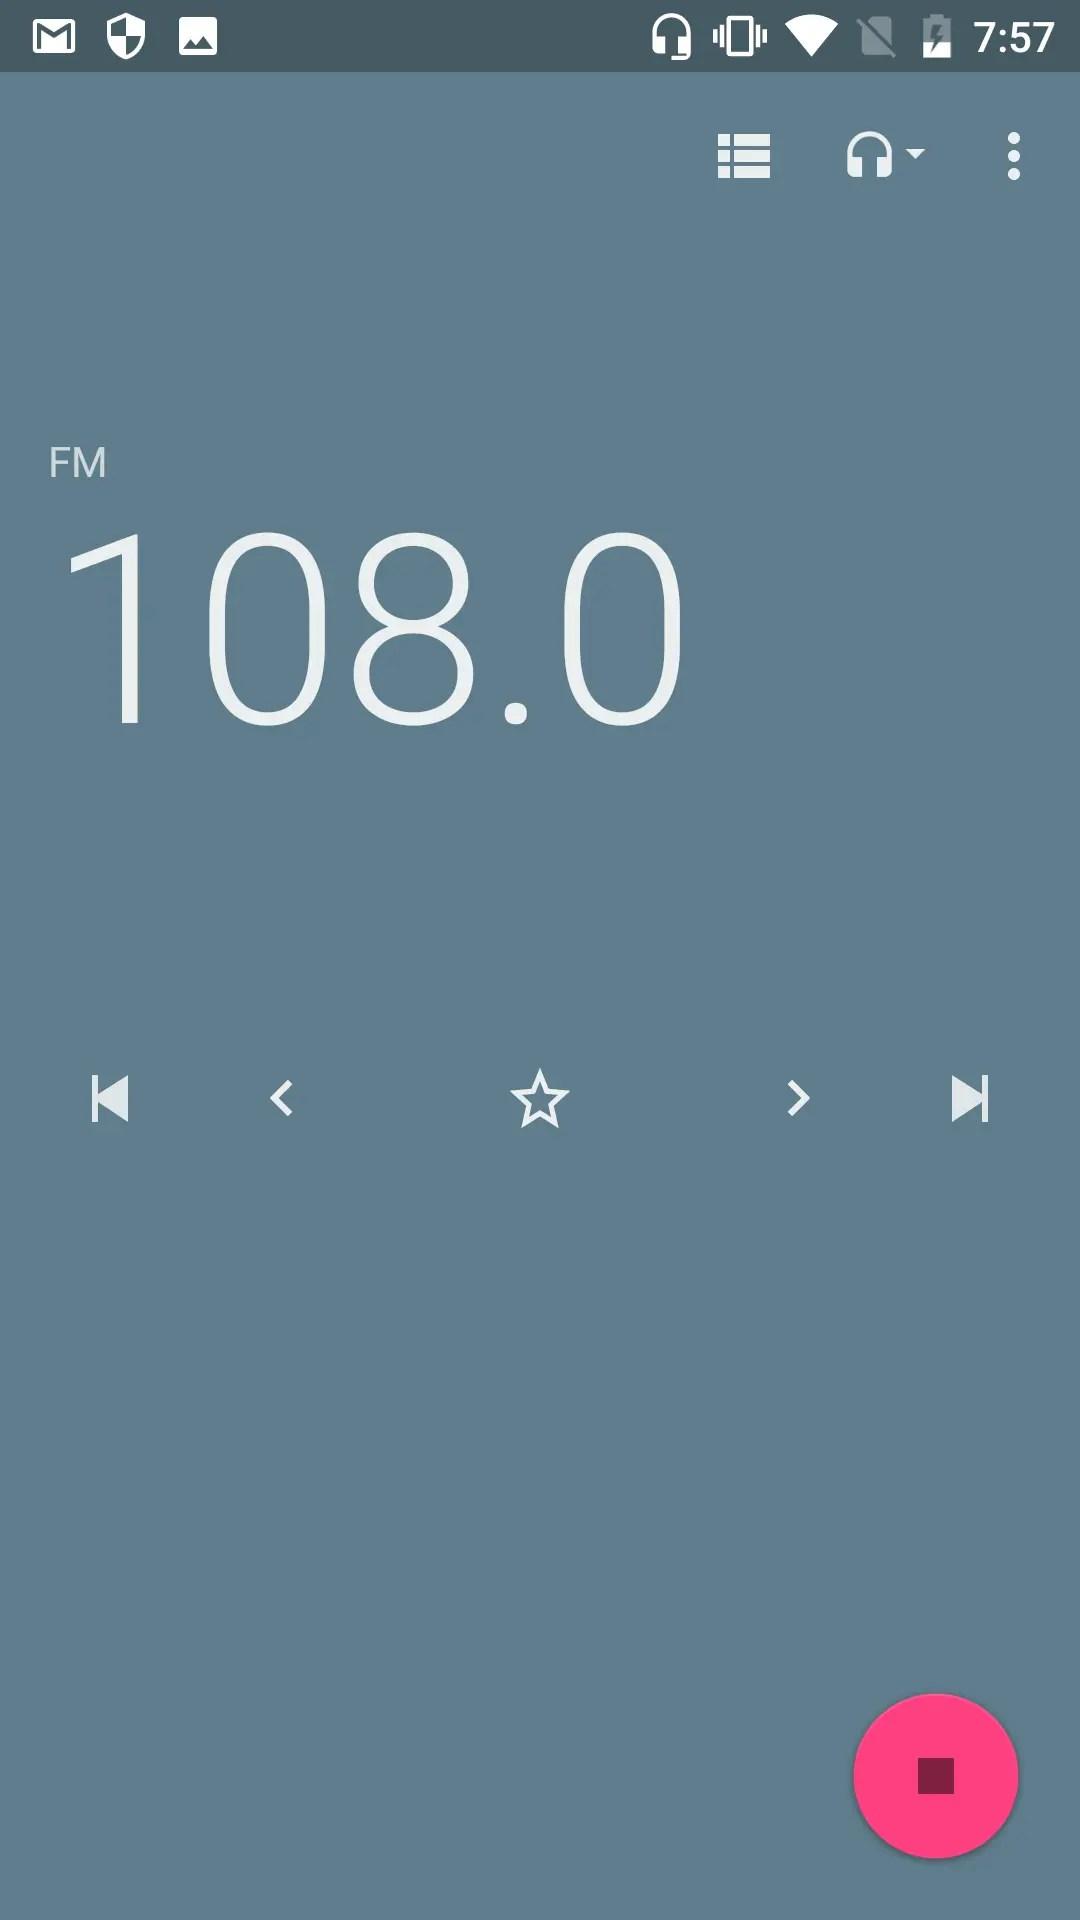 OUKITEL K10000 Pro ラジオ ~108.0まで